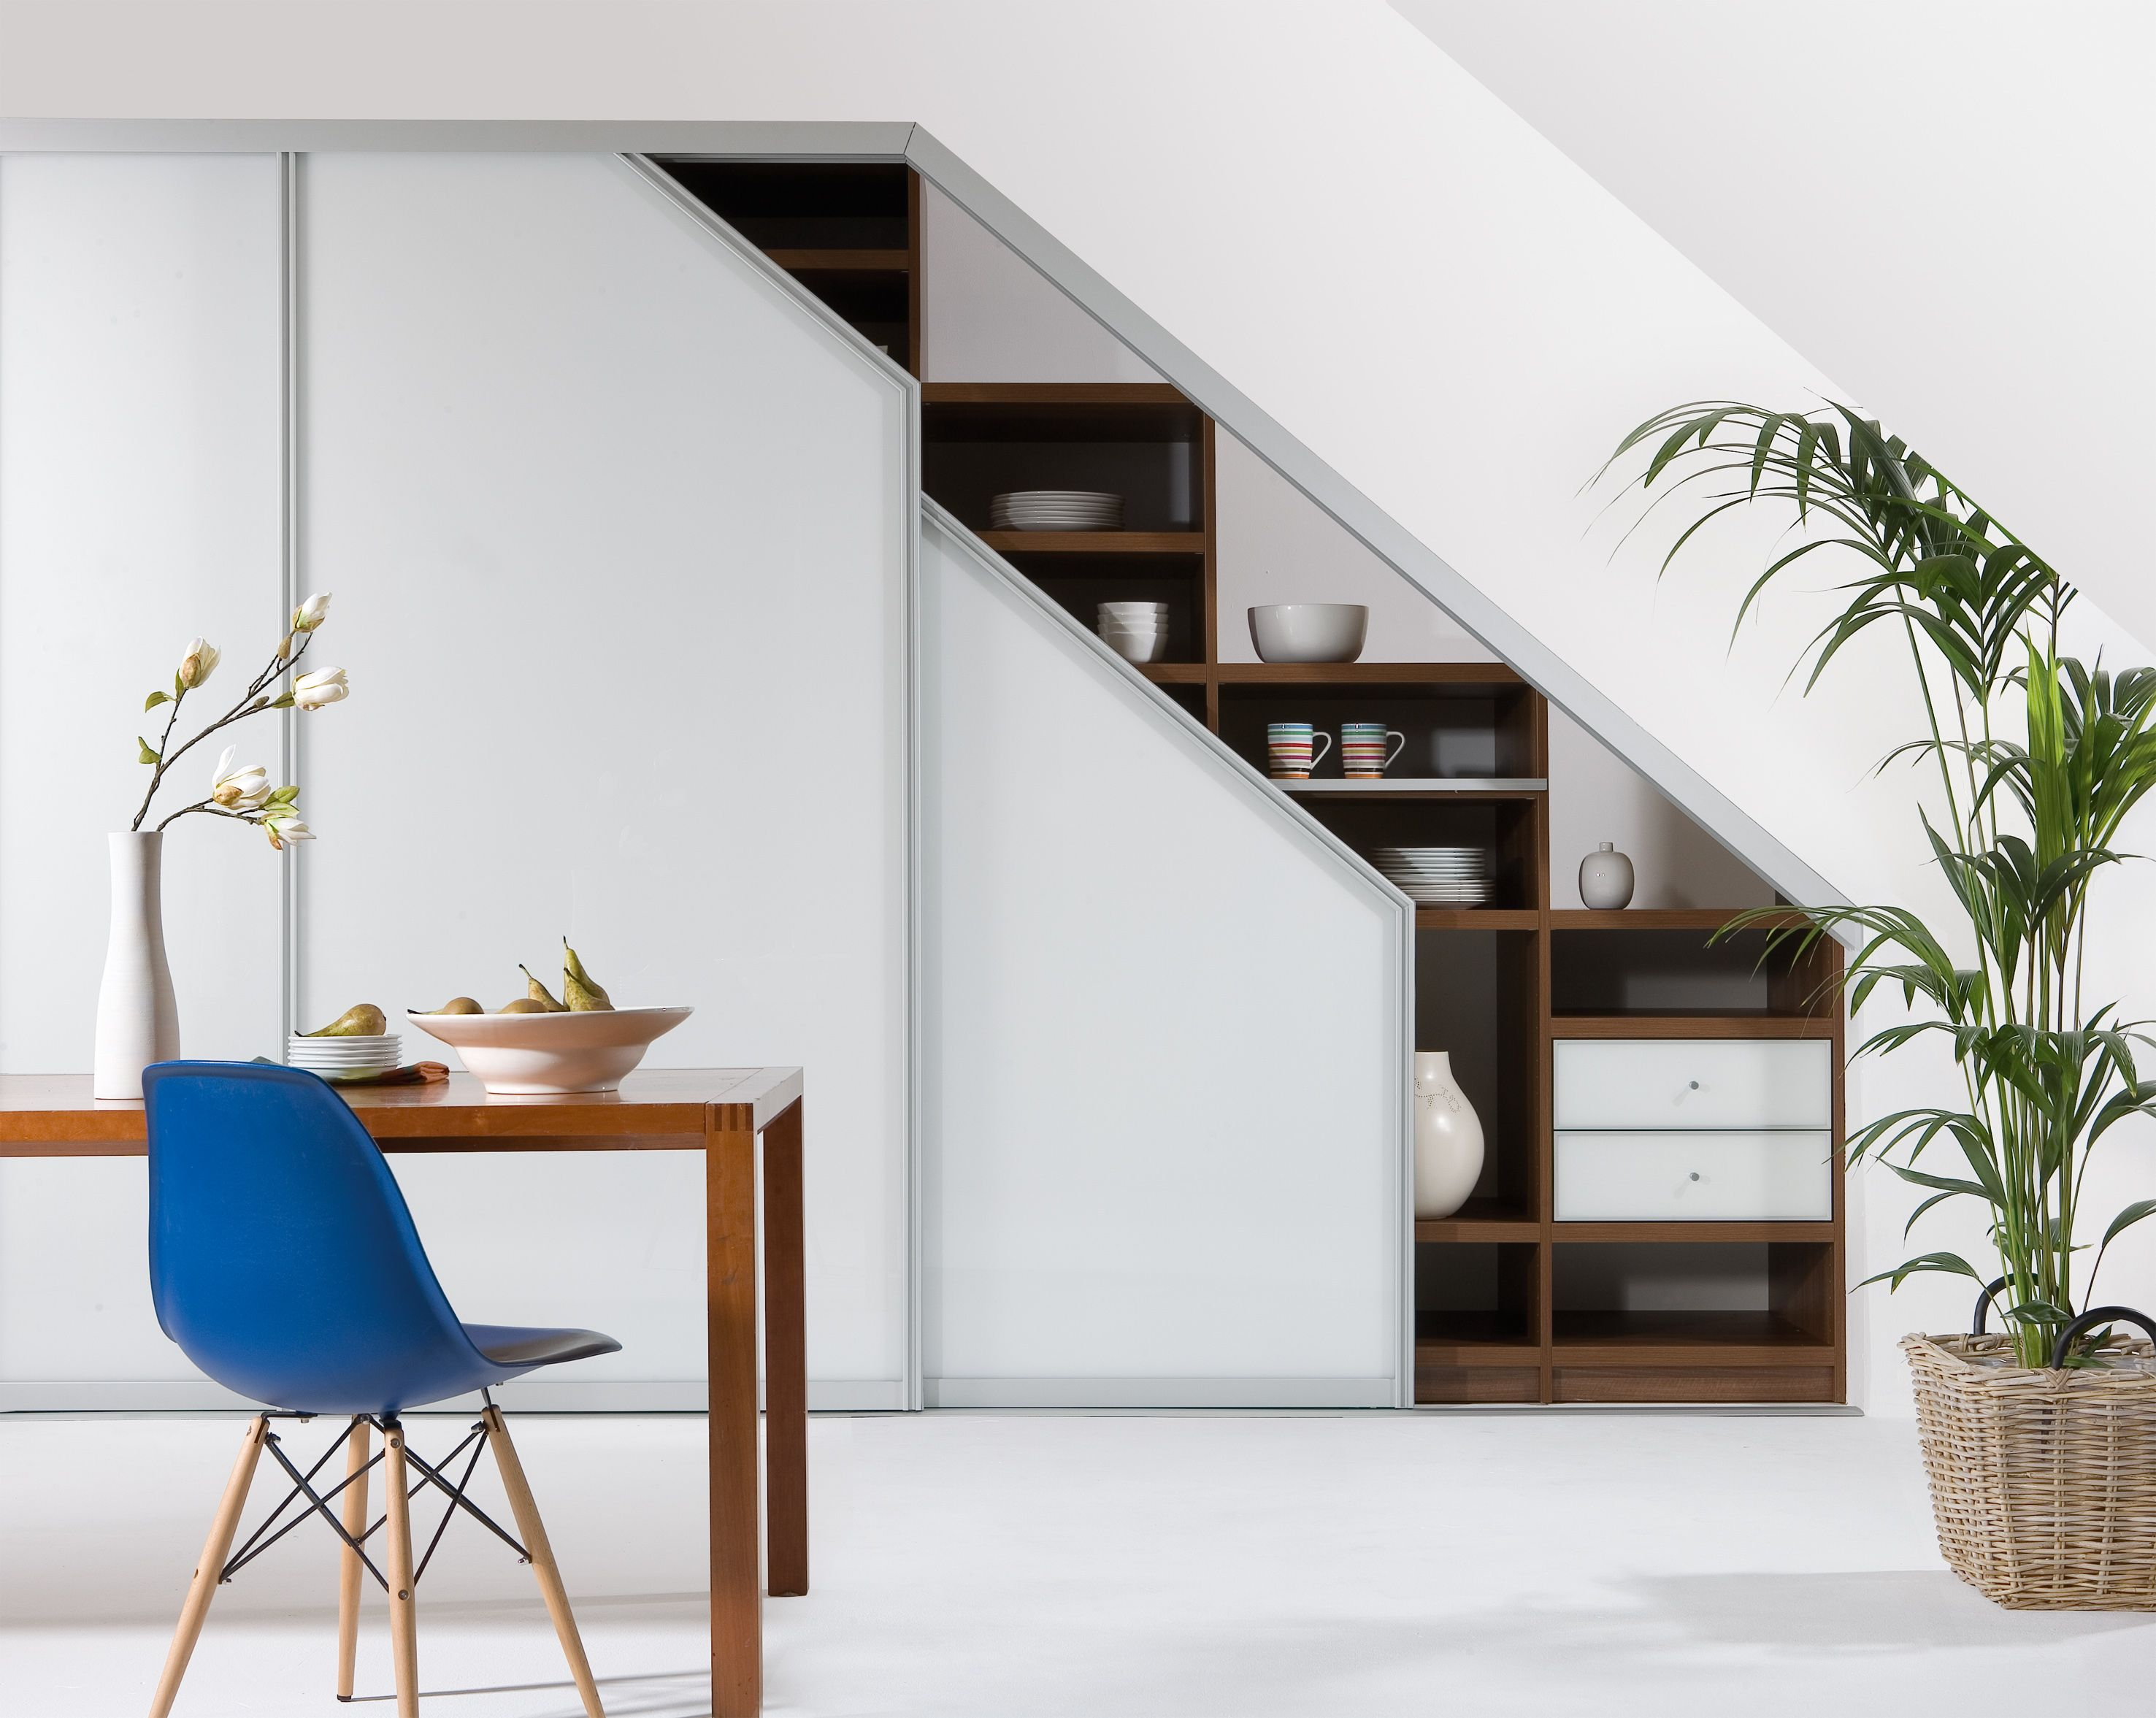 Einbauschrank Schlafzimmer ~ Schrank gegen schräge einbauschrank built in wardrobe